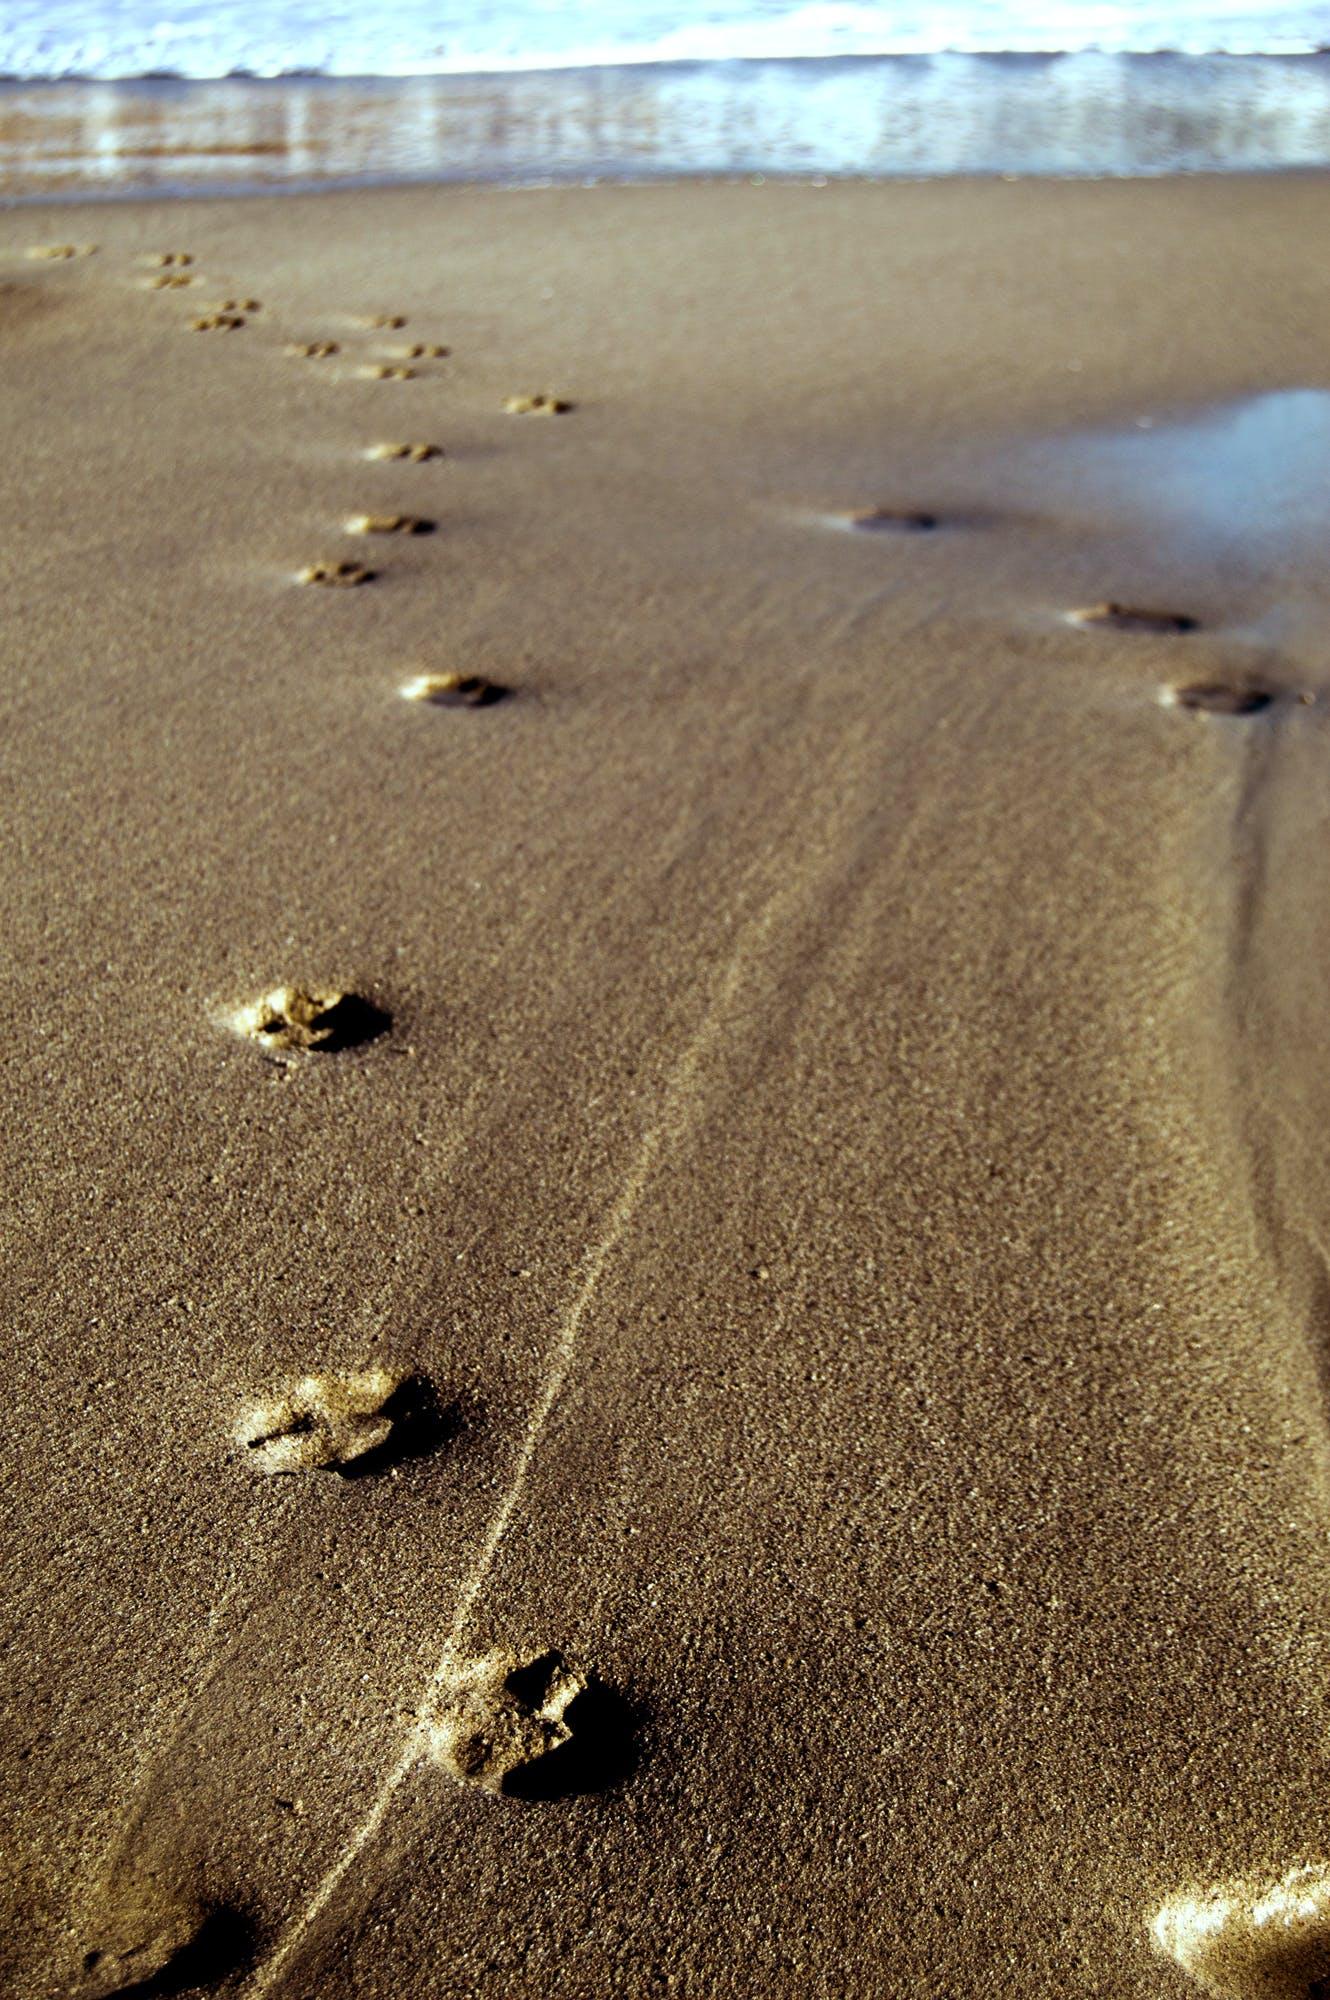 Darmowe zdjęcie z galerii z odciski łap, ślady łap na plaży, wydruki łap